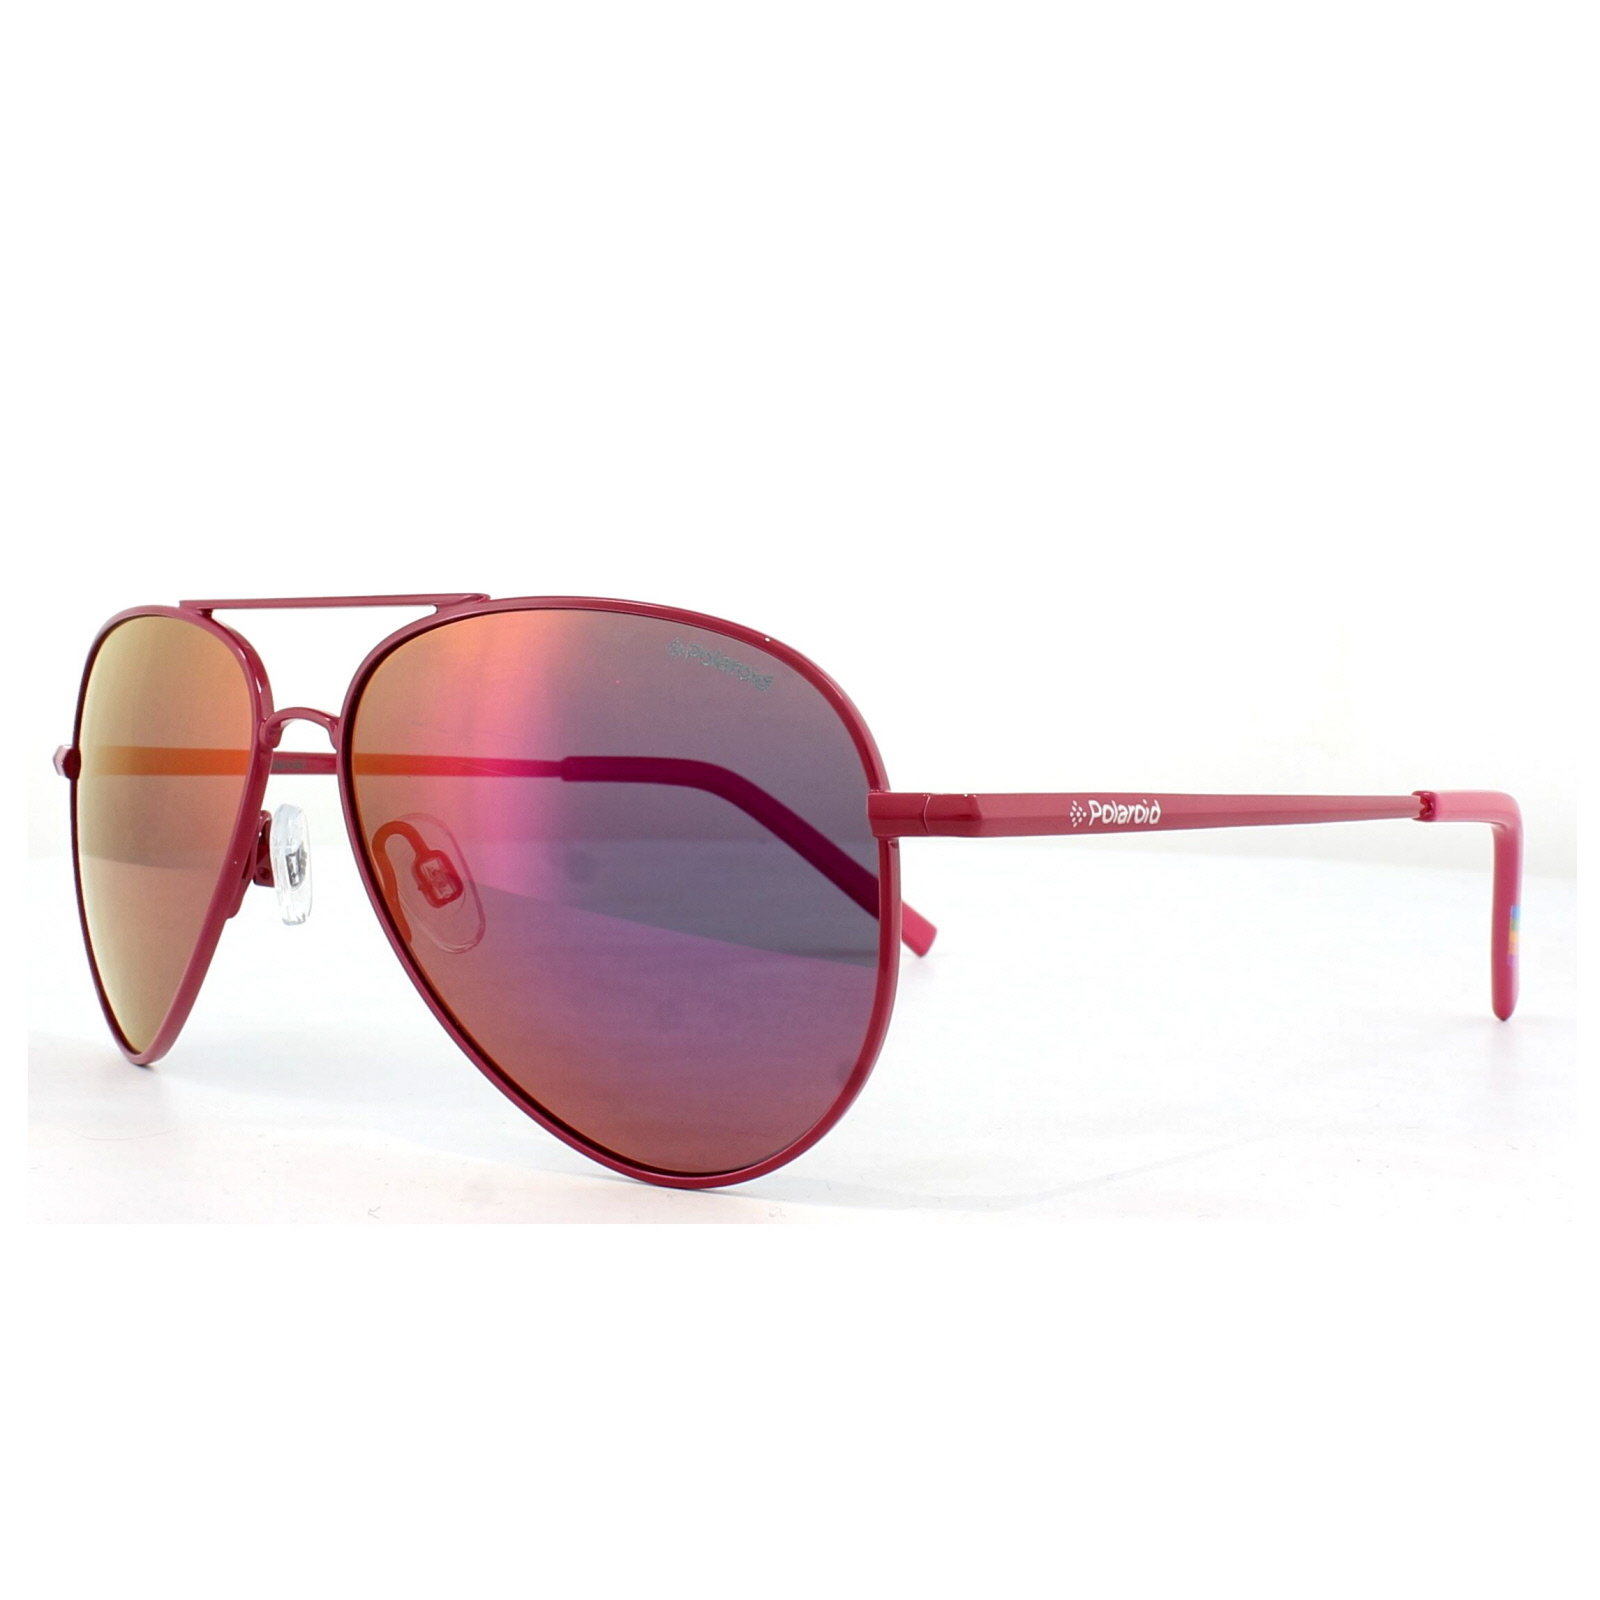 7991db7985563 Sentinel Polaroid Kids Sunglasses PLD 8015 N TDS AI Pink Grey Pink Mirror  Polarized